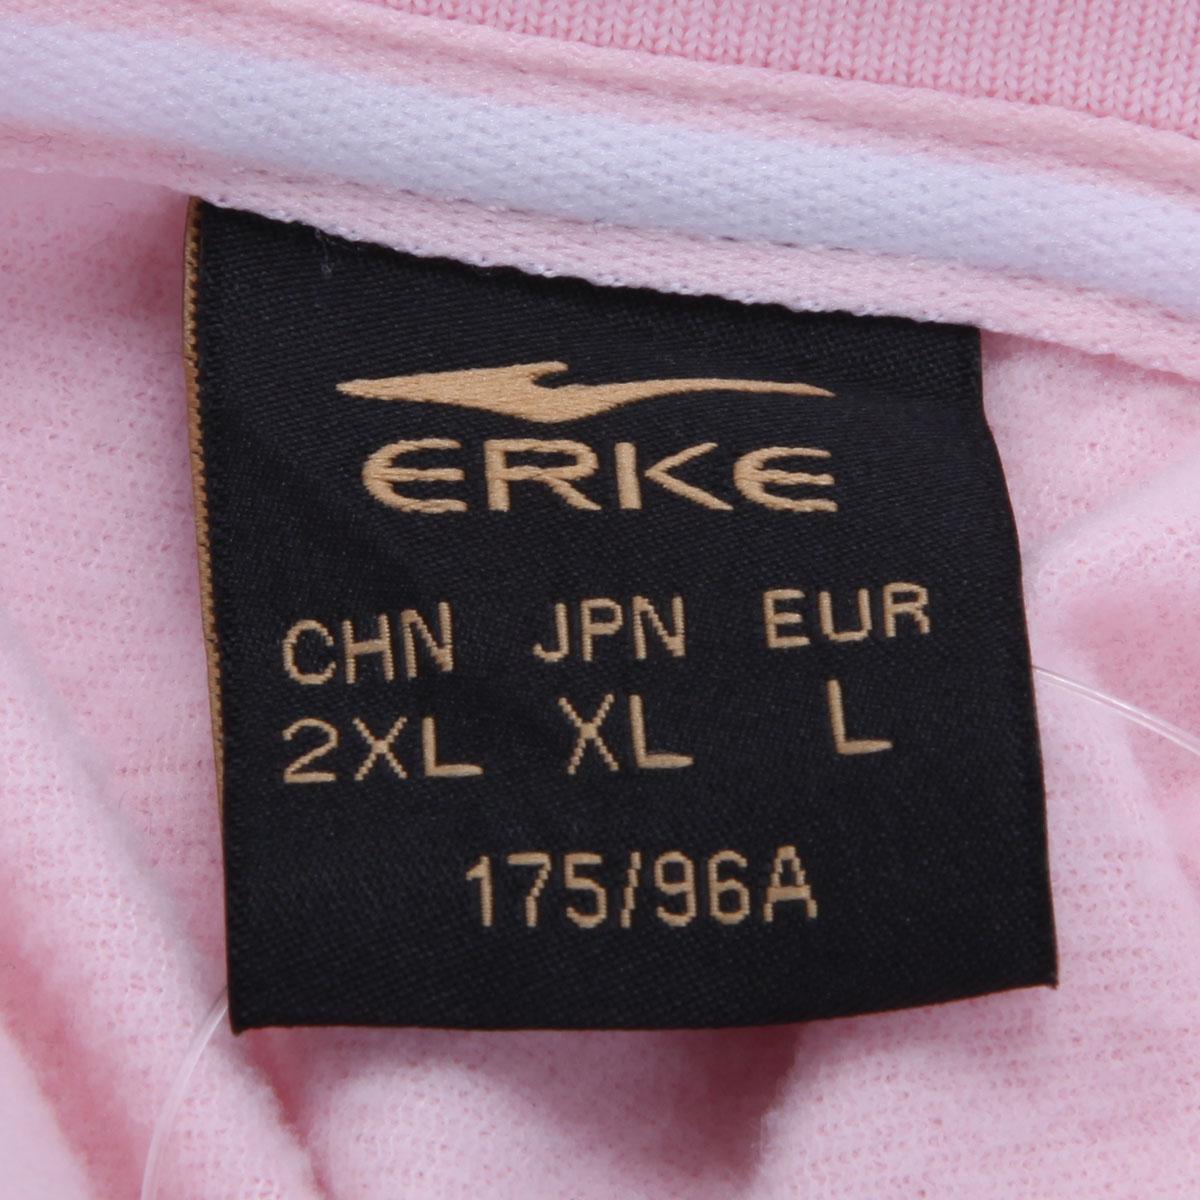 Спортивная толстовка The Erke 14035136/40 Tmall 1403 Женские Кардиган 100 Спорт и отдых Сохранение тепла Осень 2010